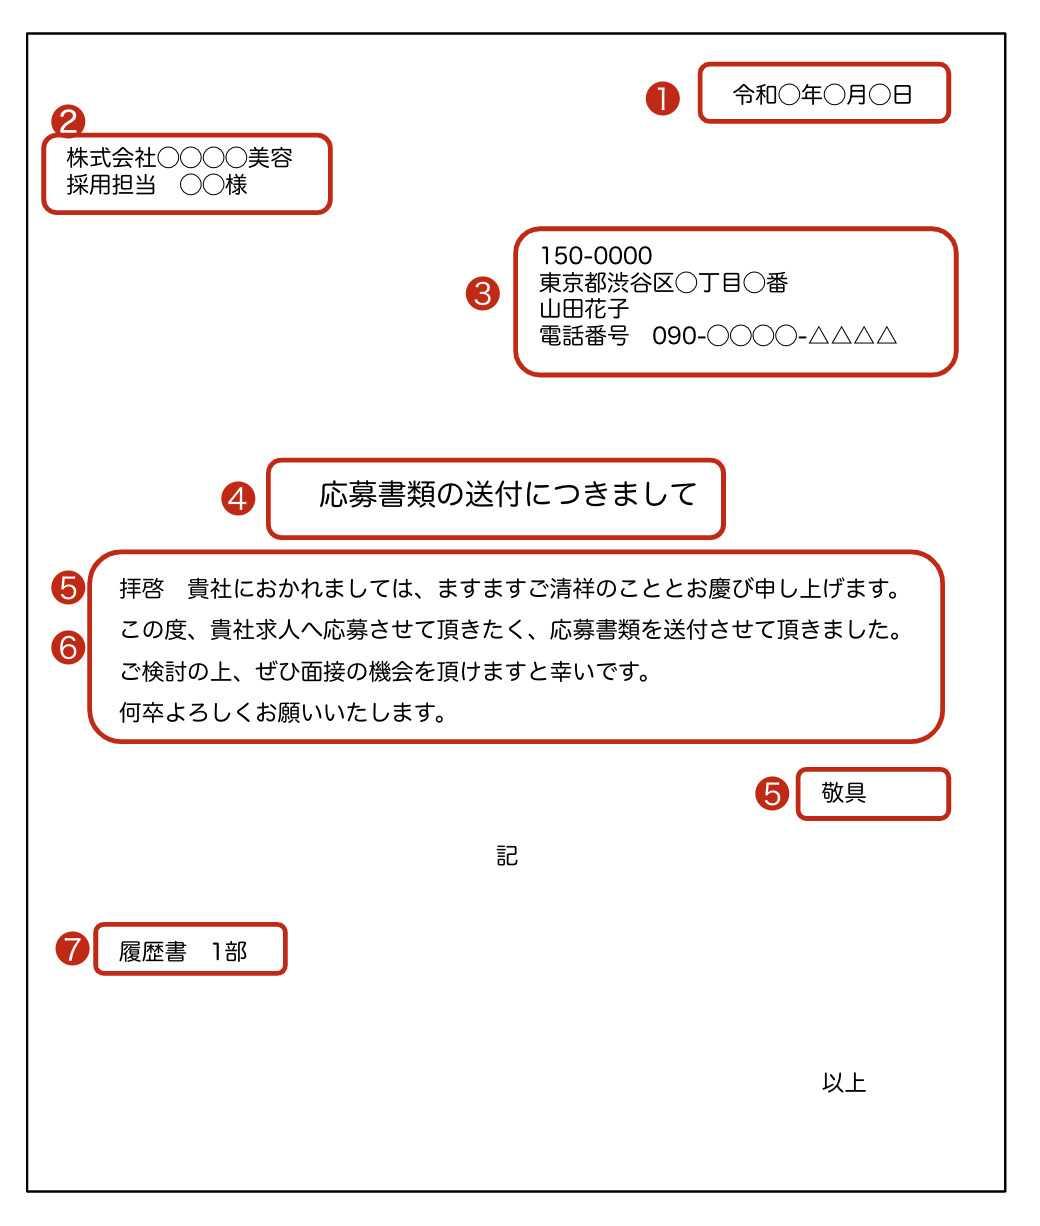 送付状(添え状)の書き方見本